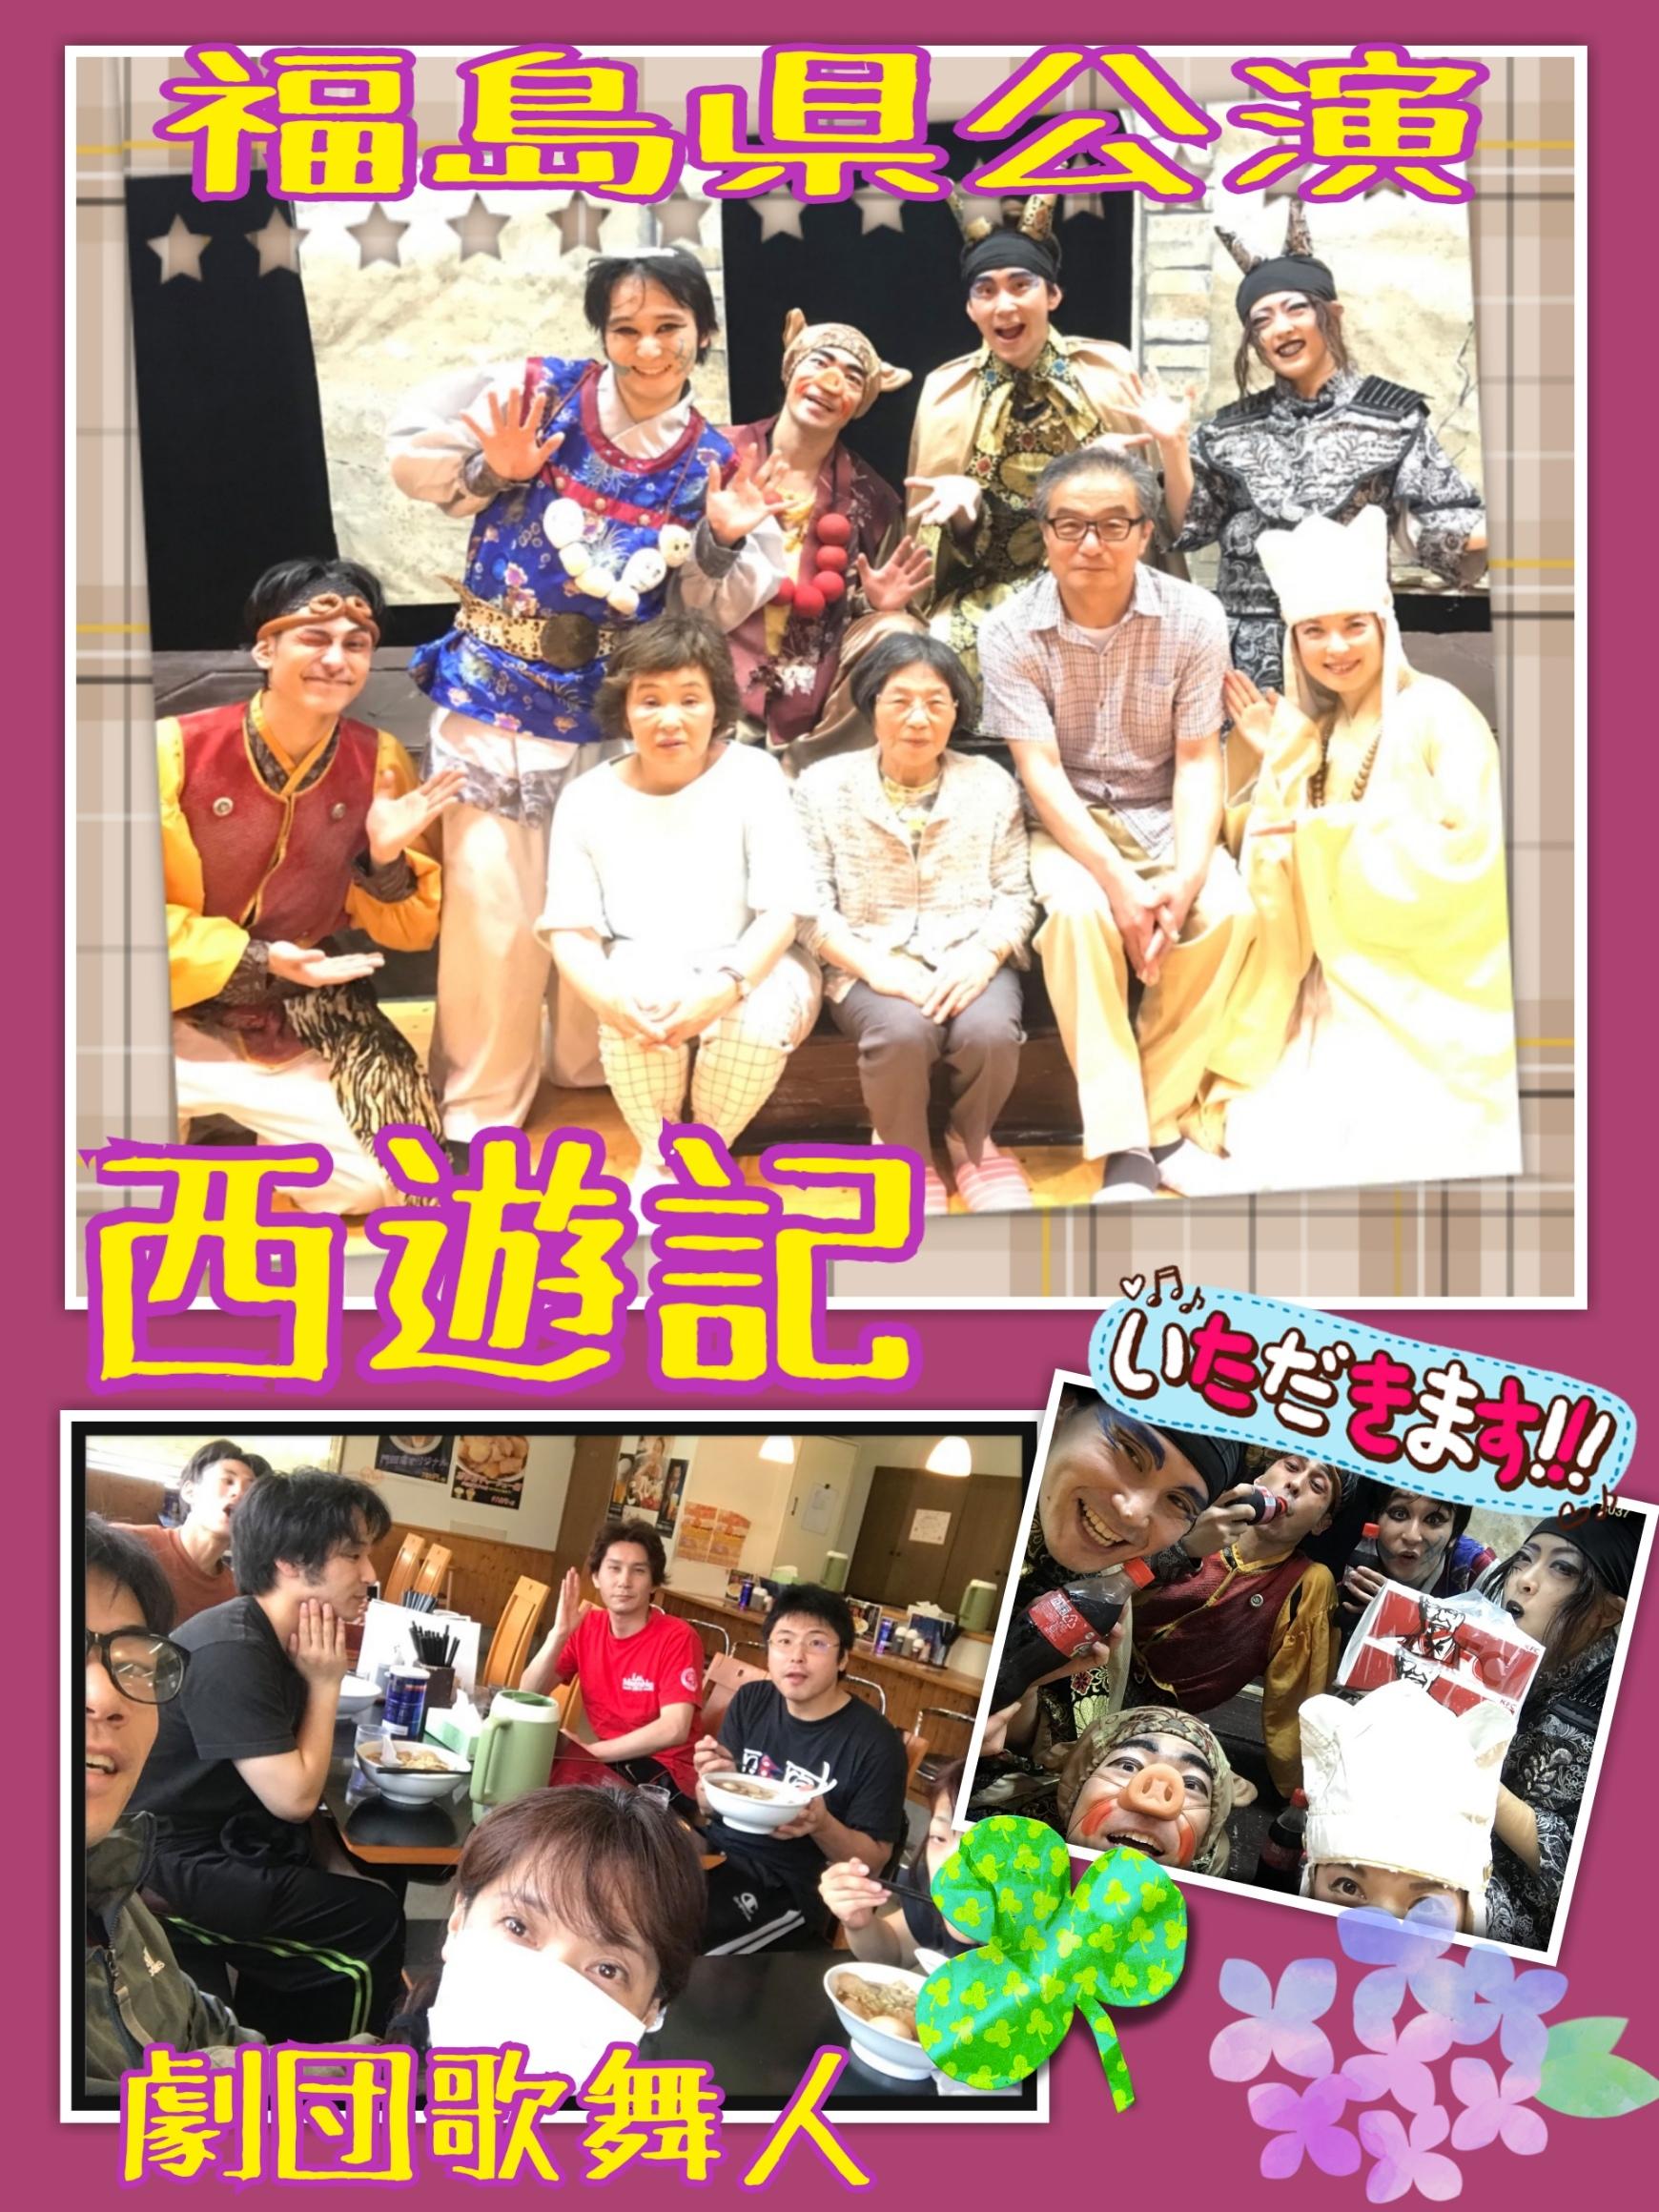 moblog_9fb320e6.jpg